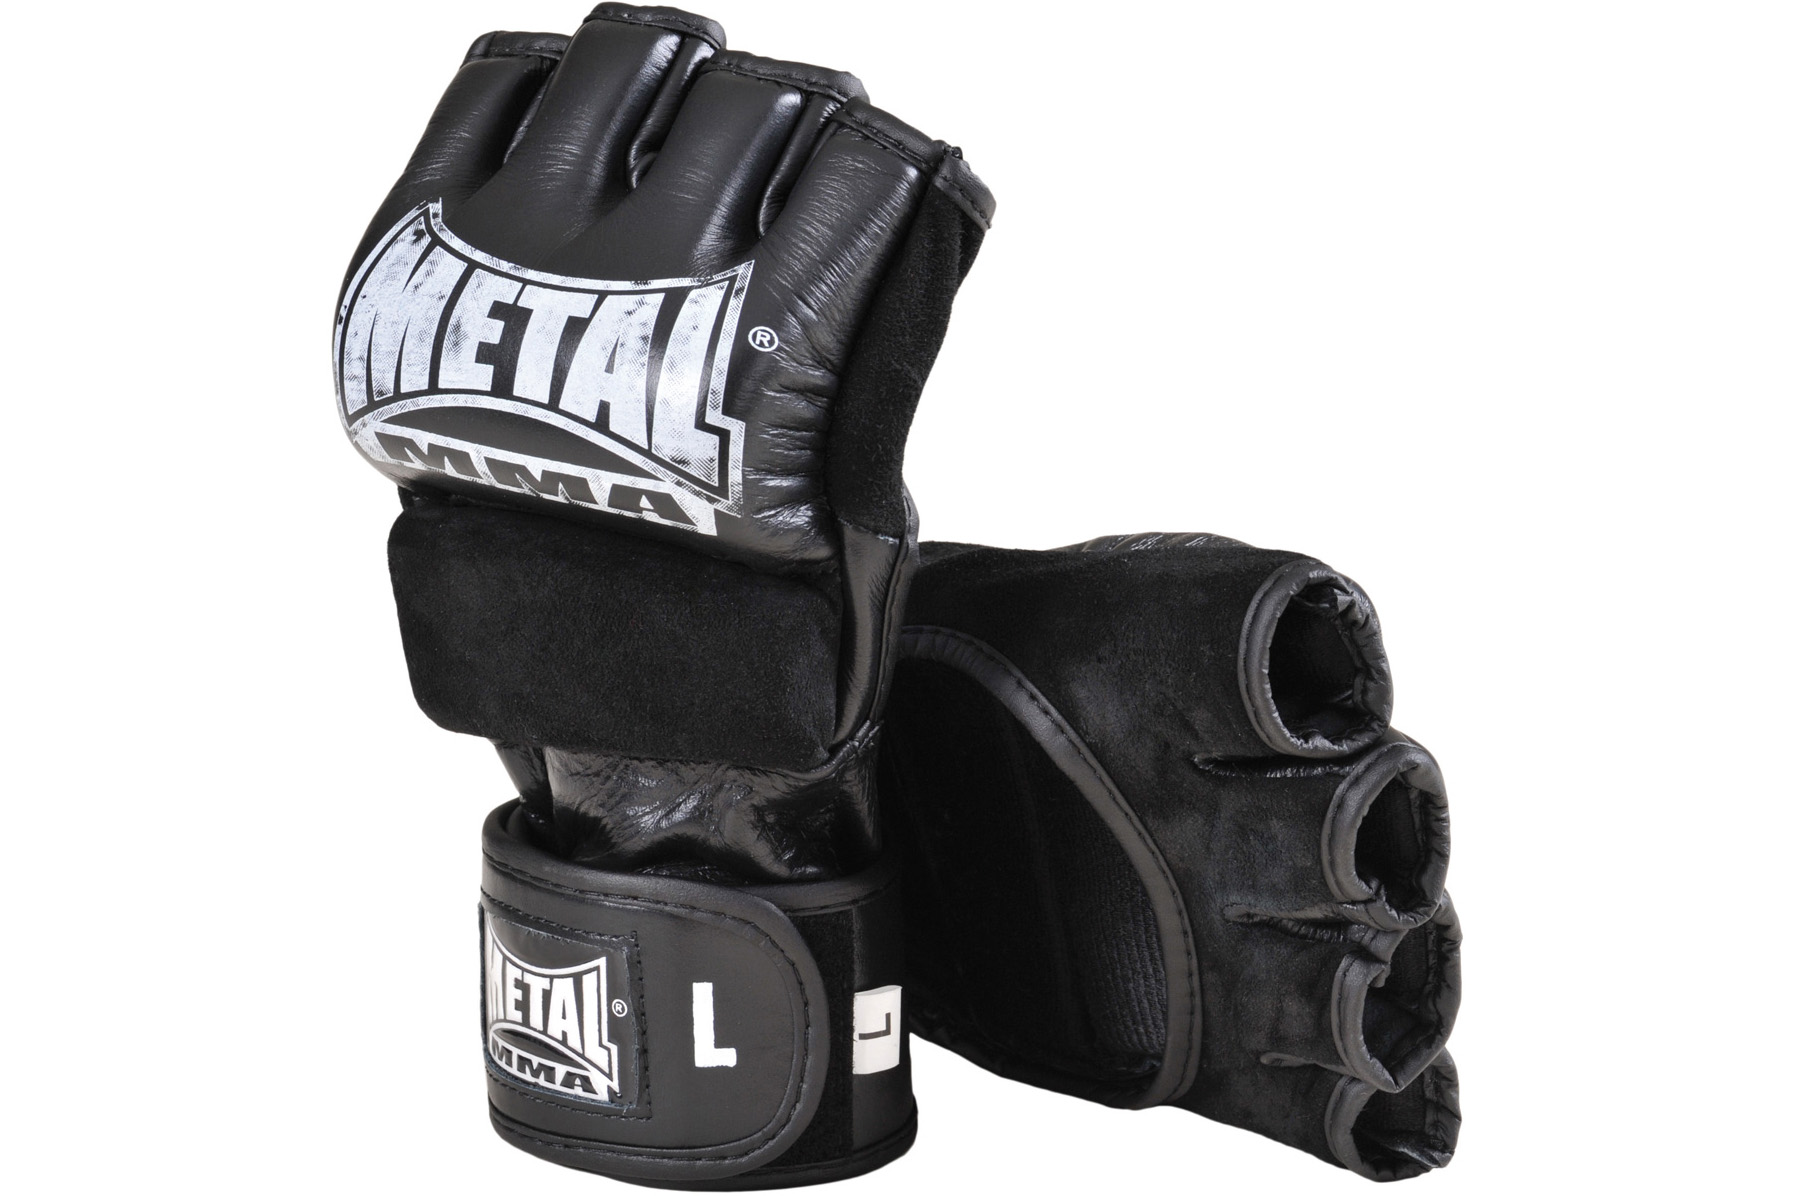 metal boxe gants de combat libre. Black Bedroom Furniture Sets. Home Design Ideas